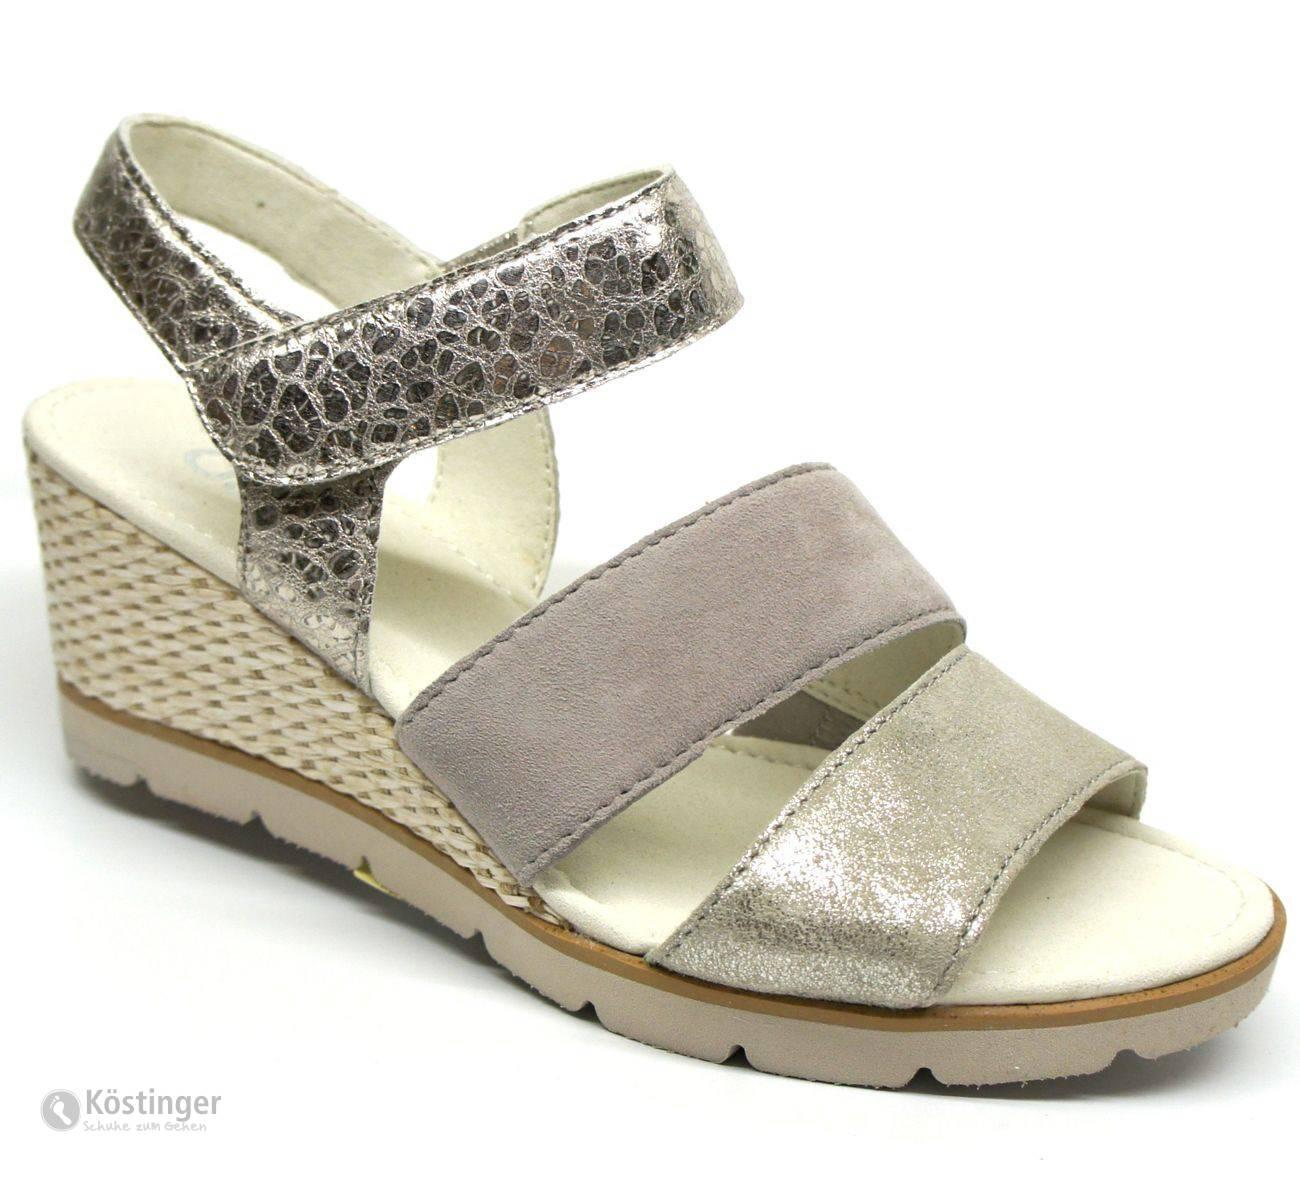 Damen Sandalen Köstinger Schuhe